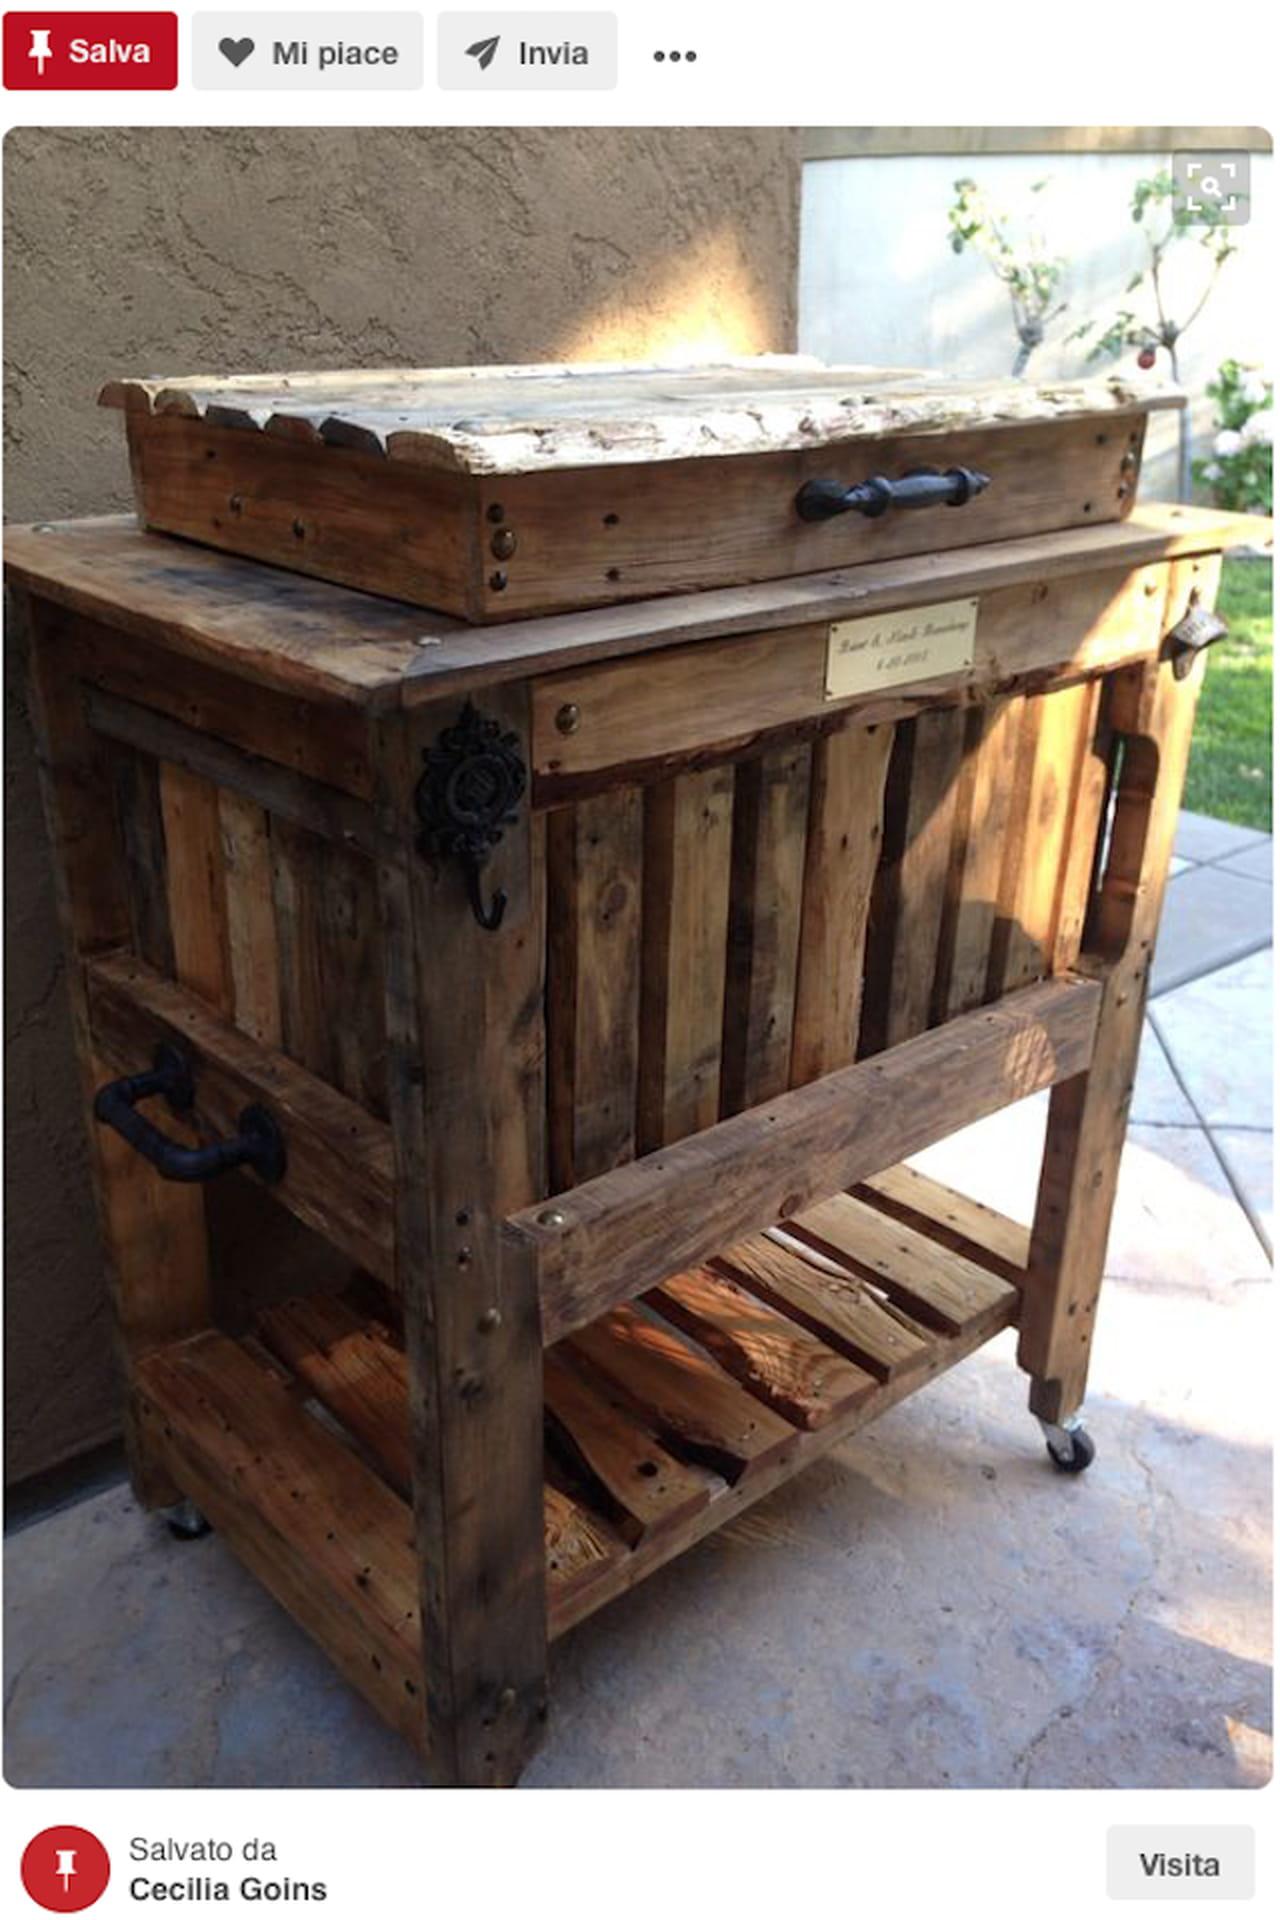 Creazioni fai da te idee giardino da pinterest for Bancali legno per arredare